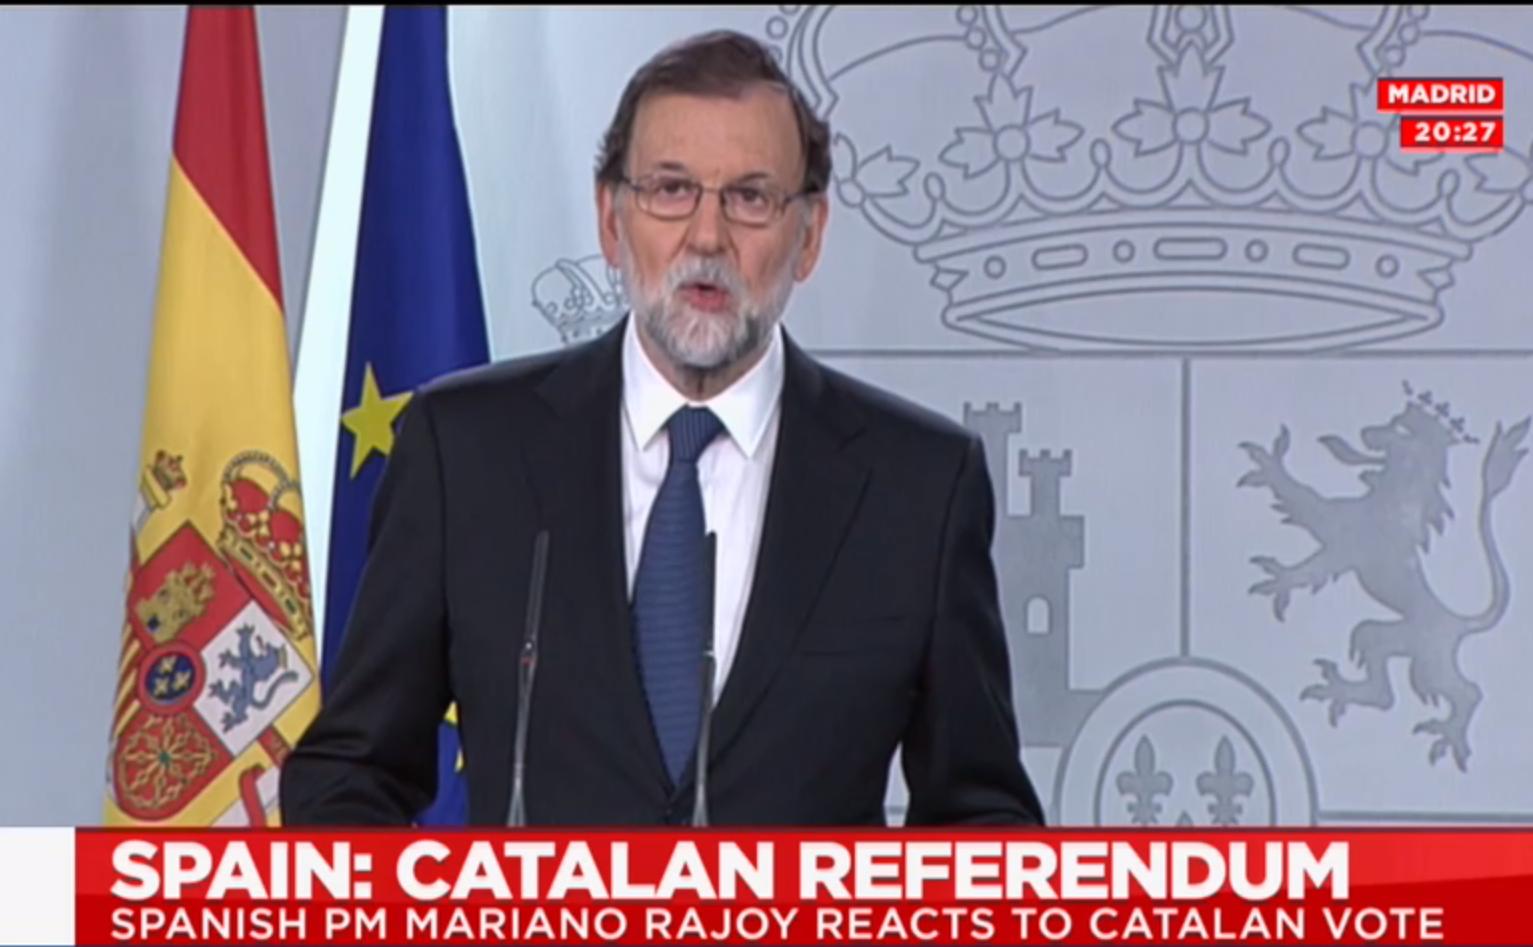 A spanyol kormányfő szerint nem volt népszavazás Katalóniában